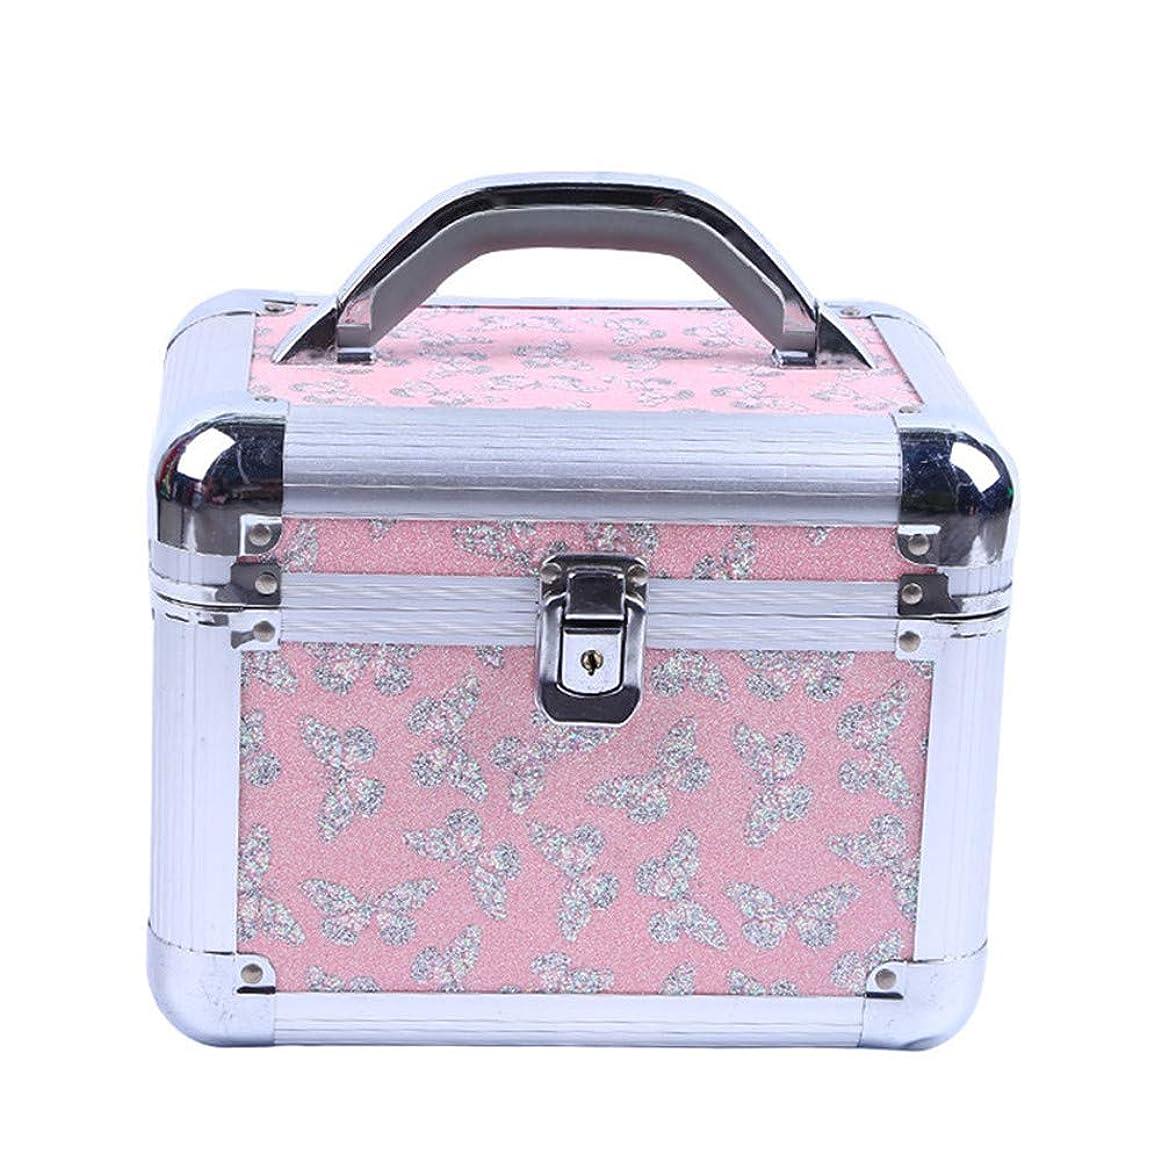 リンクカップル信条化粧オーガナイザーバッグ 美容メイクアップと女性の女性のためのポータブルメイクトレインケース旅行とロック付きアルミフレームと毎日のストレージ 化粧品ケース